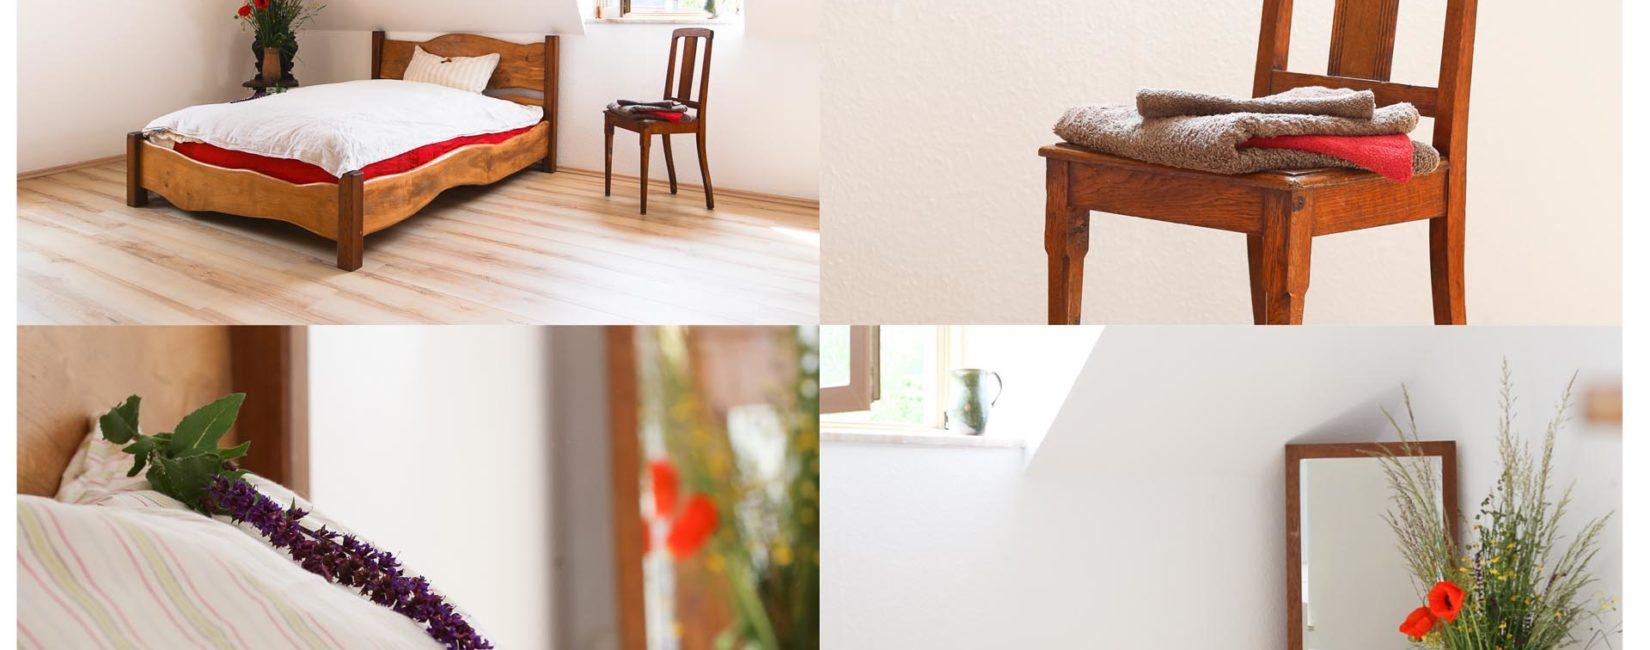 · Unsere Zimmer